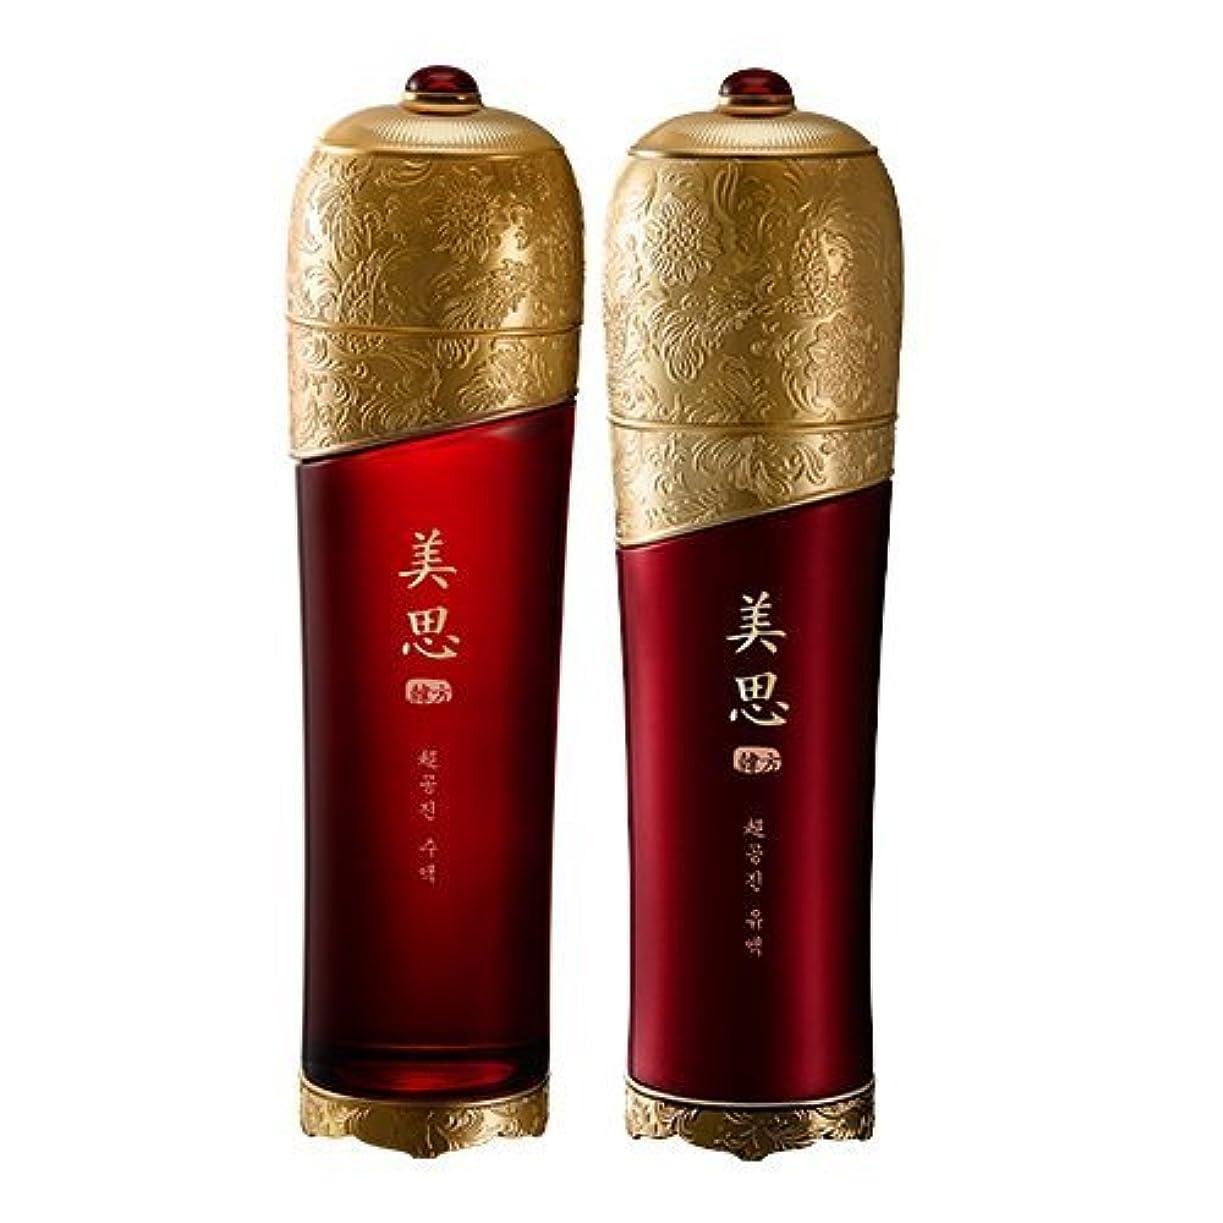 ねじれ卵イルMISSHA(ミシャ) 美思 韓方 チョゴンジン 基礎化粧品 スキンケア 化粧水+乳液=お得2種Set